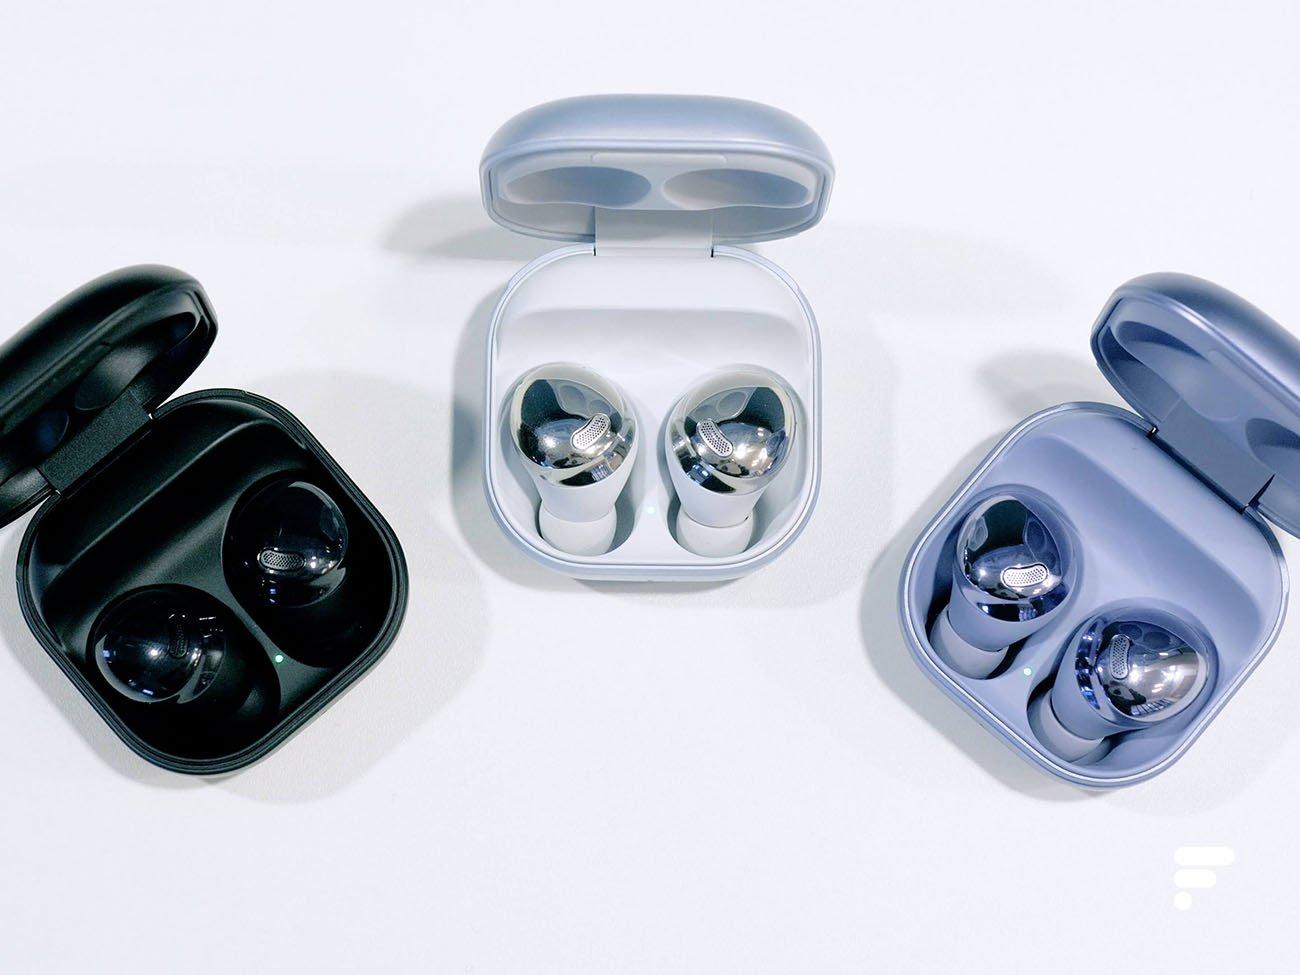 Les nouveaux écouteurs Galaxy Buds pro de Samsung